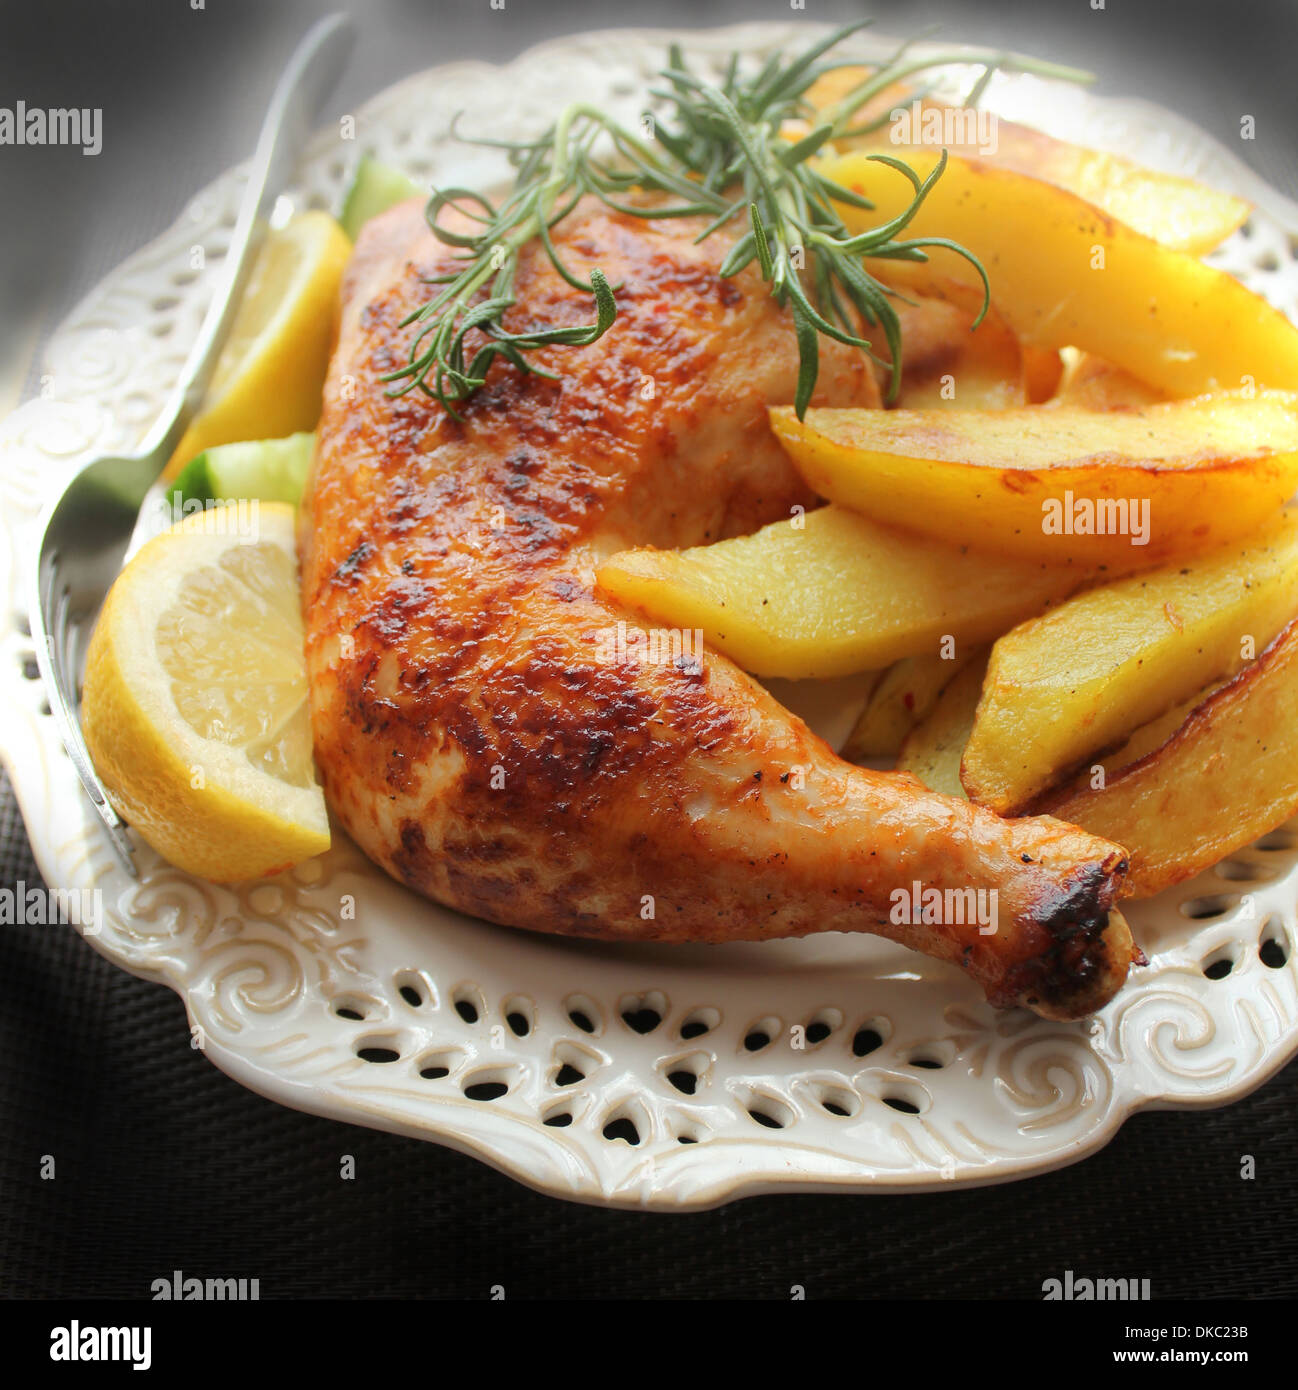 Cuisse de poulet rôti avec des pommes de terre frites et de citron Photo Stock